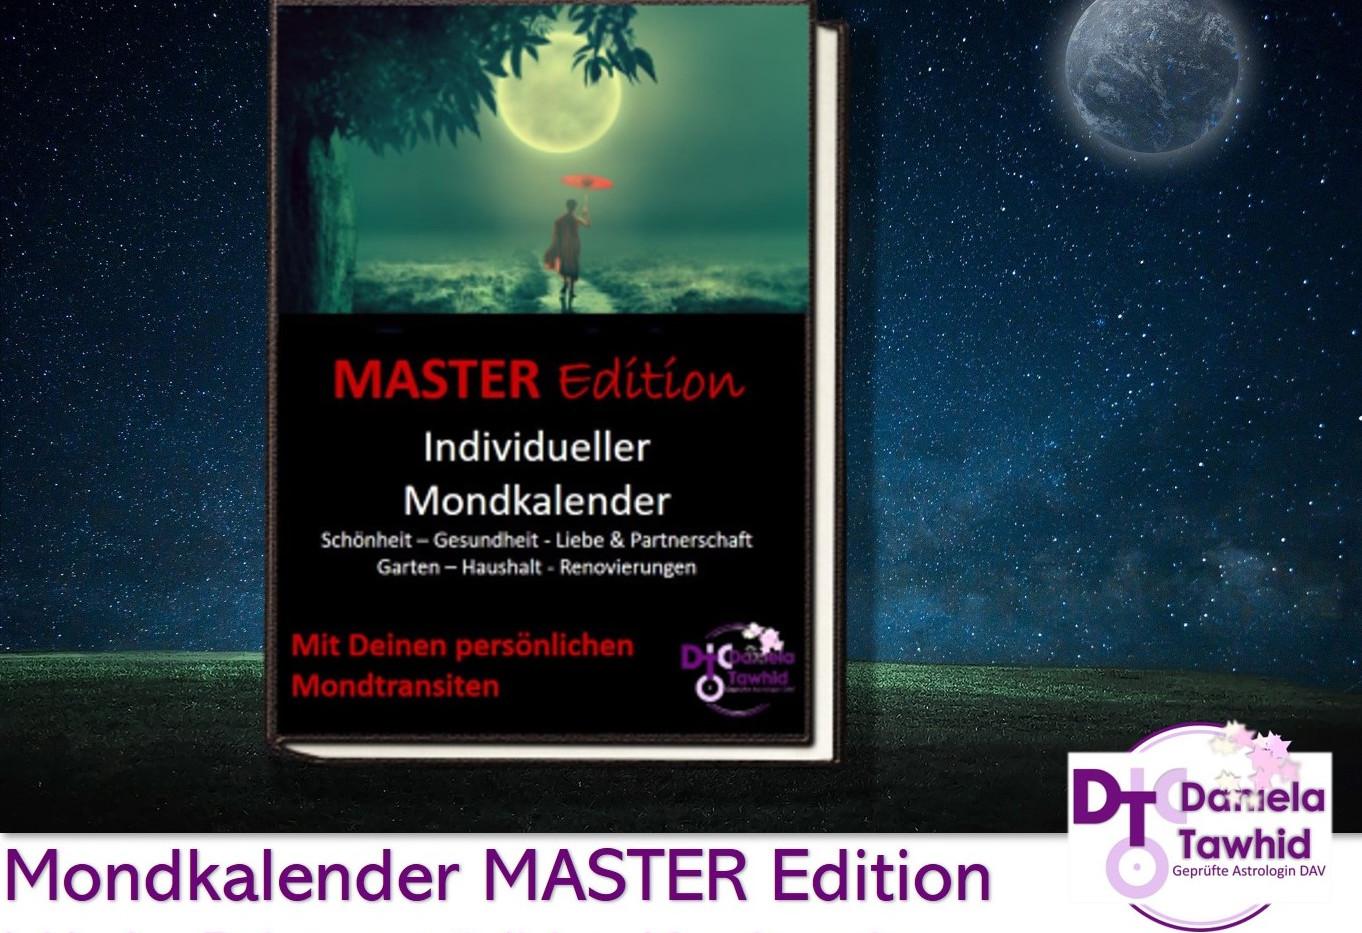 Individueller Mondkalender - Master Edition